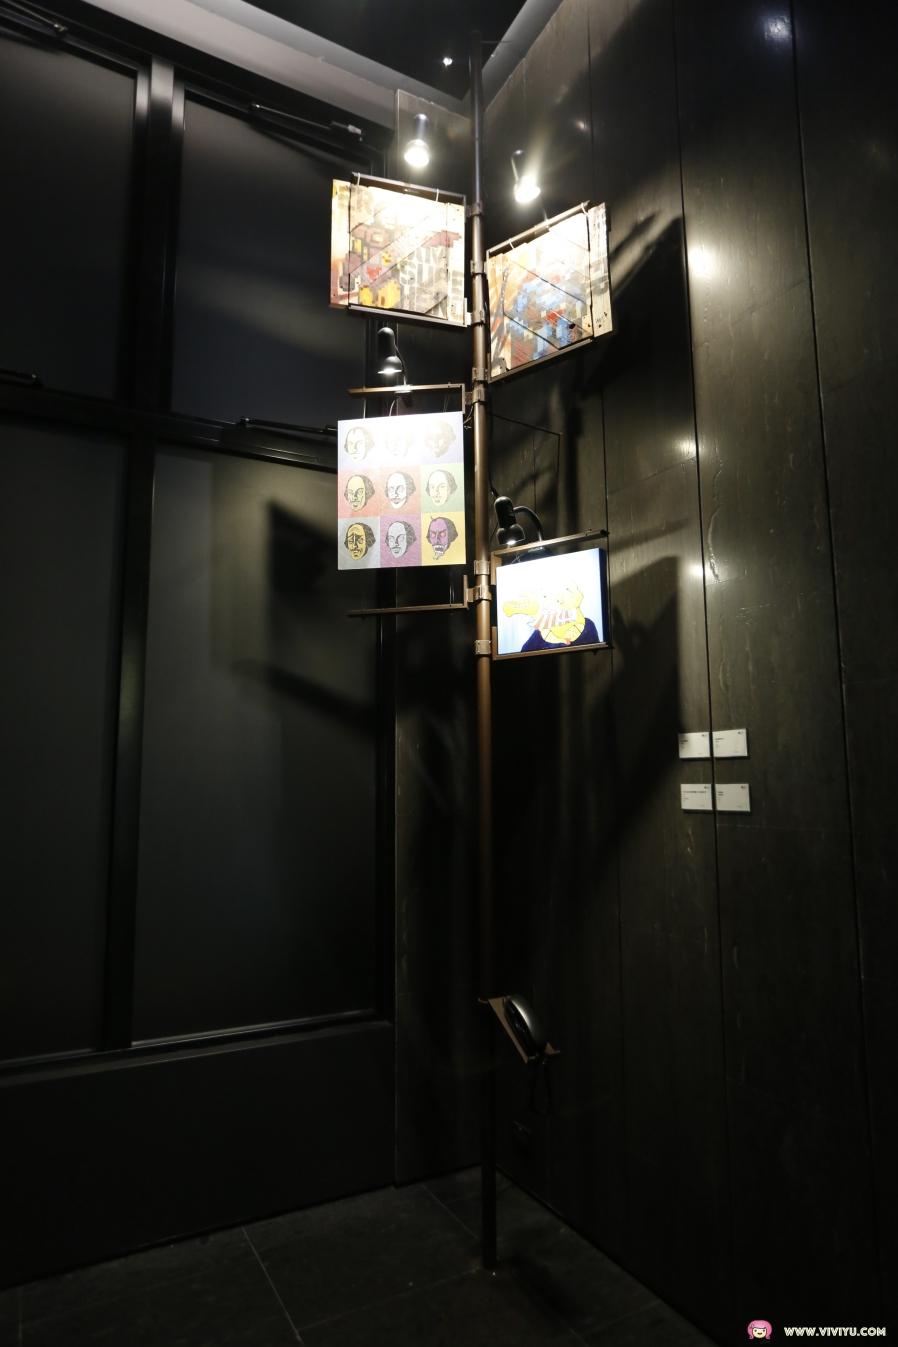 [台北住宿]台北中山雅樂軒酒店~Aloft國際時尚新潮品牌酒店.週末有現場歌手演唱氣氛超嗨 @VIVIYU小世界